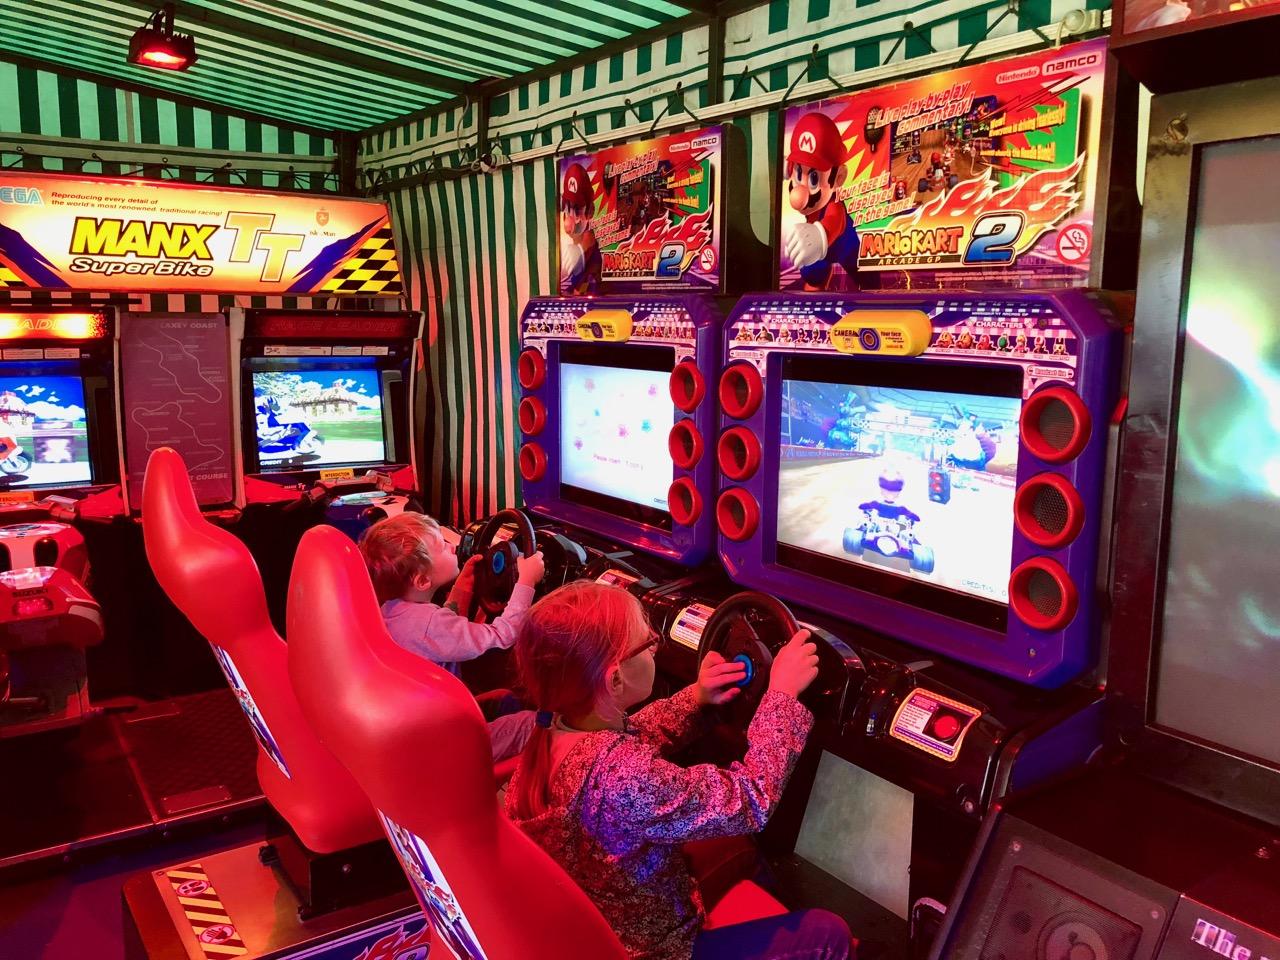 Zweispieler-Spaß mit Mario Kart 2 Arcade GP. (Bild: André Eymann)